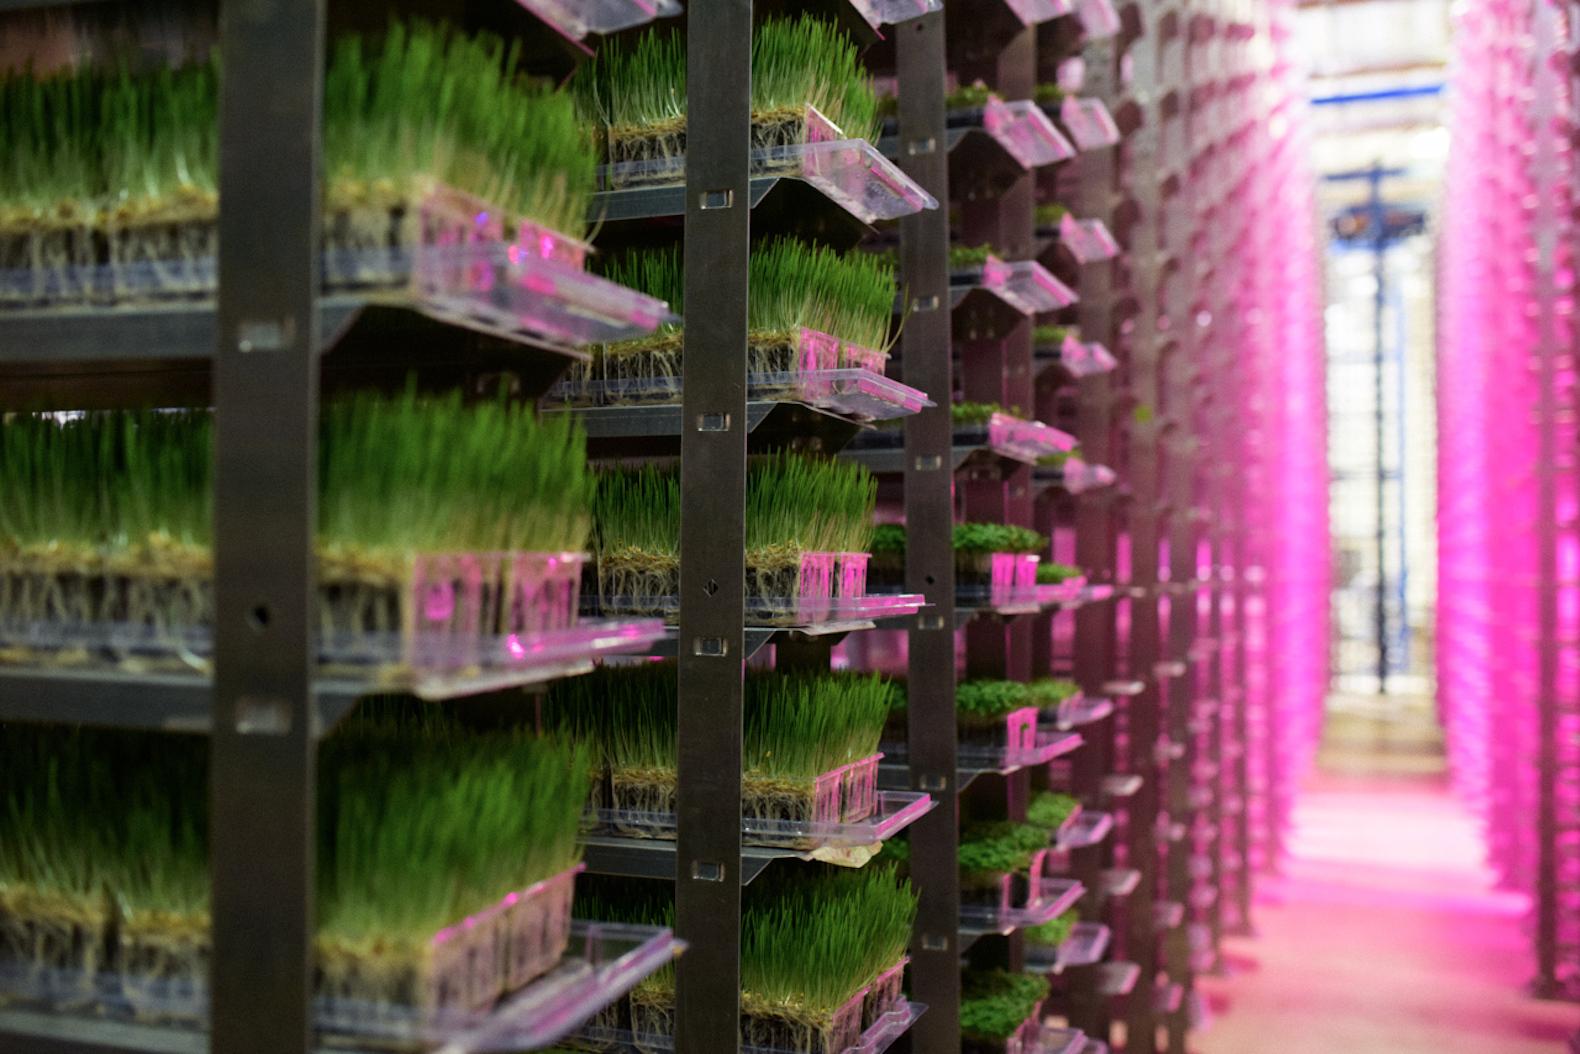 Urban-Produce-Indoor-Vertical-Garden.jpg